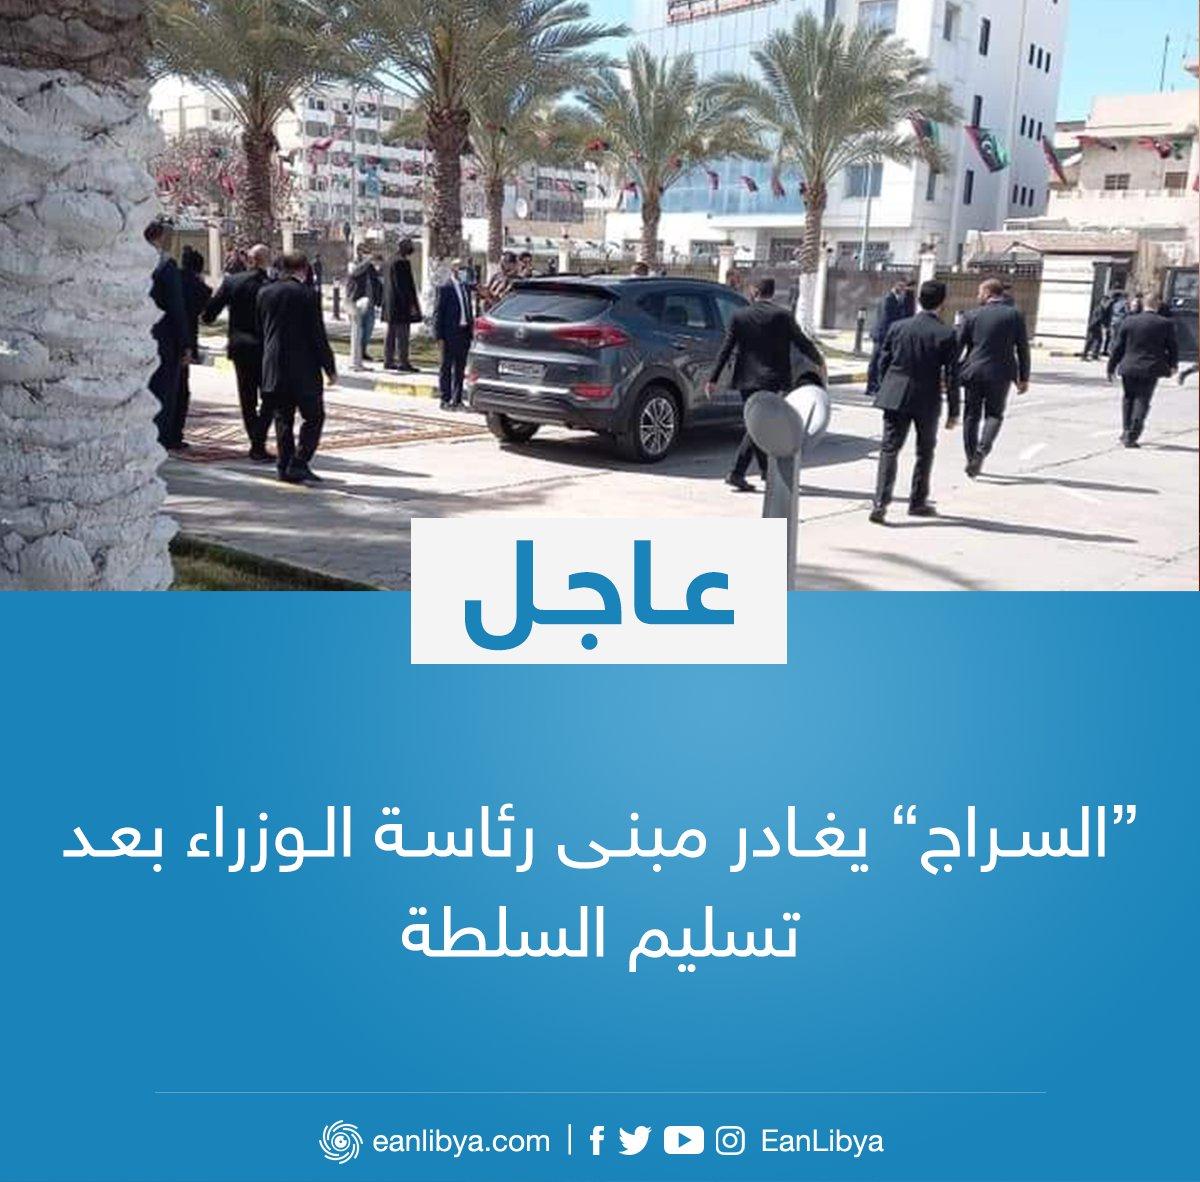 عاجل رئيس المجلس الرئاسي السابق فائز السراج يُغادر ديوان رئاسة الوزراء بعد التسليم والاستلام عين ليبيا